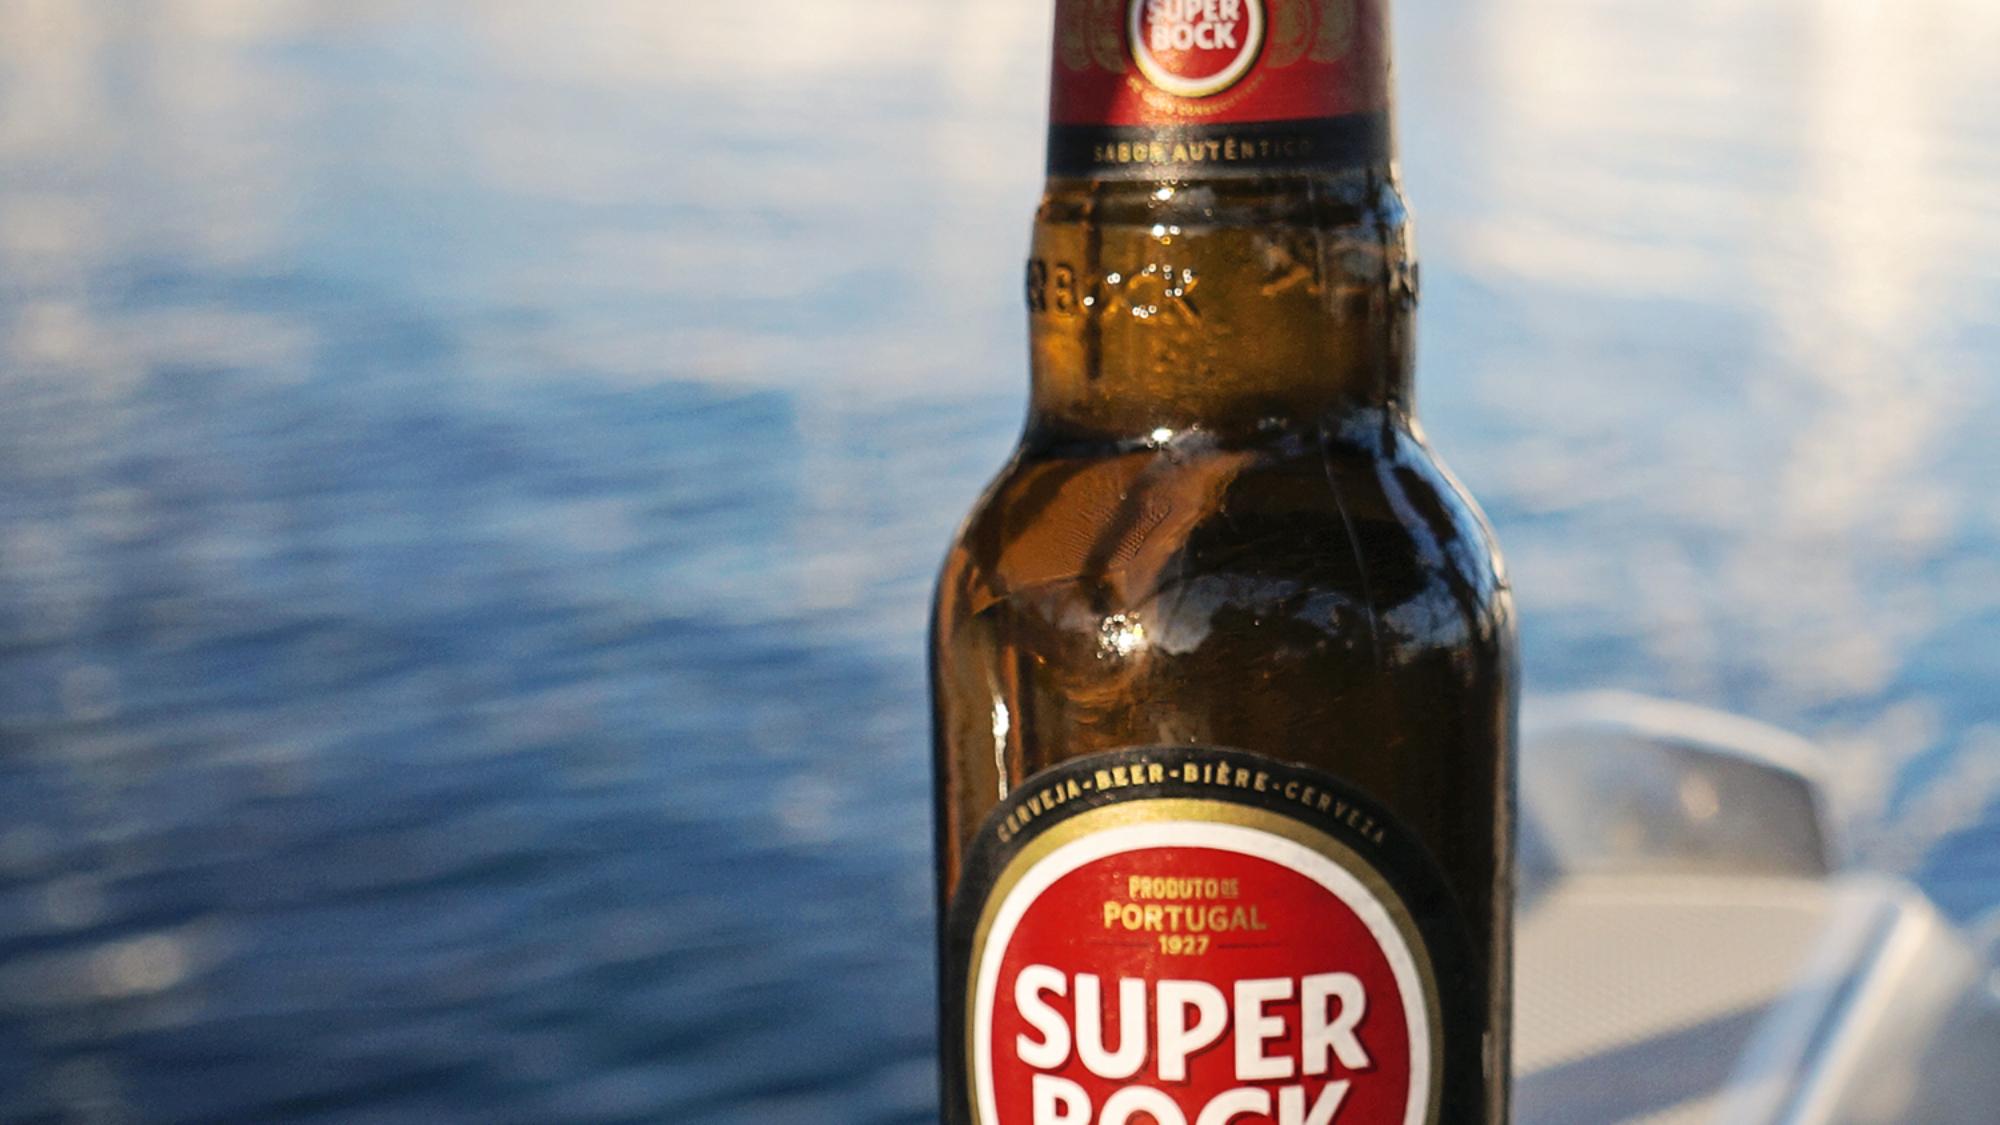 World Beer Tour - Super Bock - Portugal